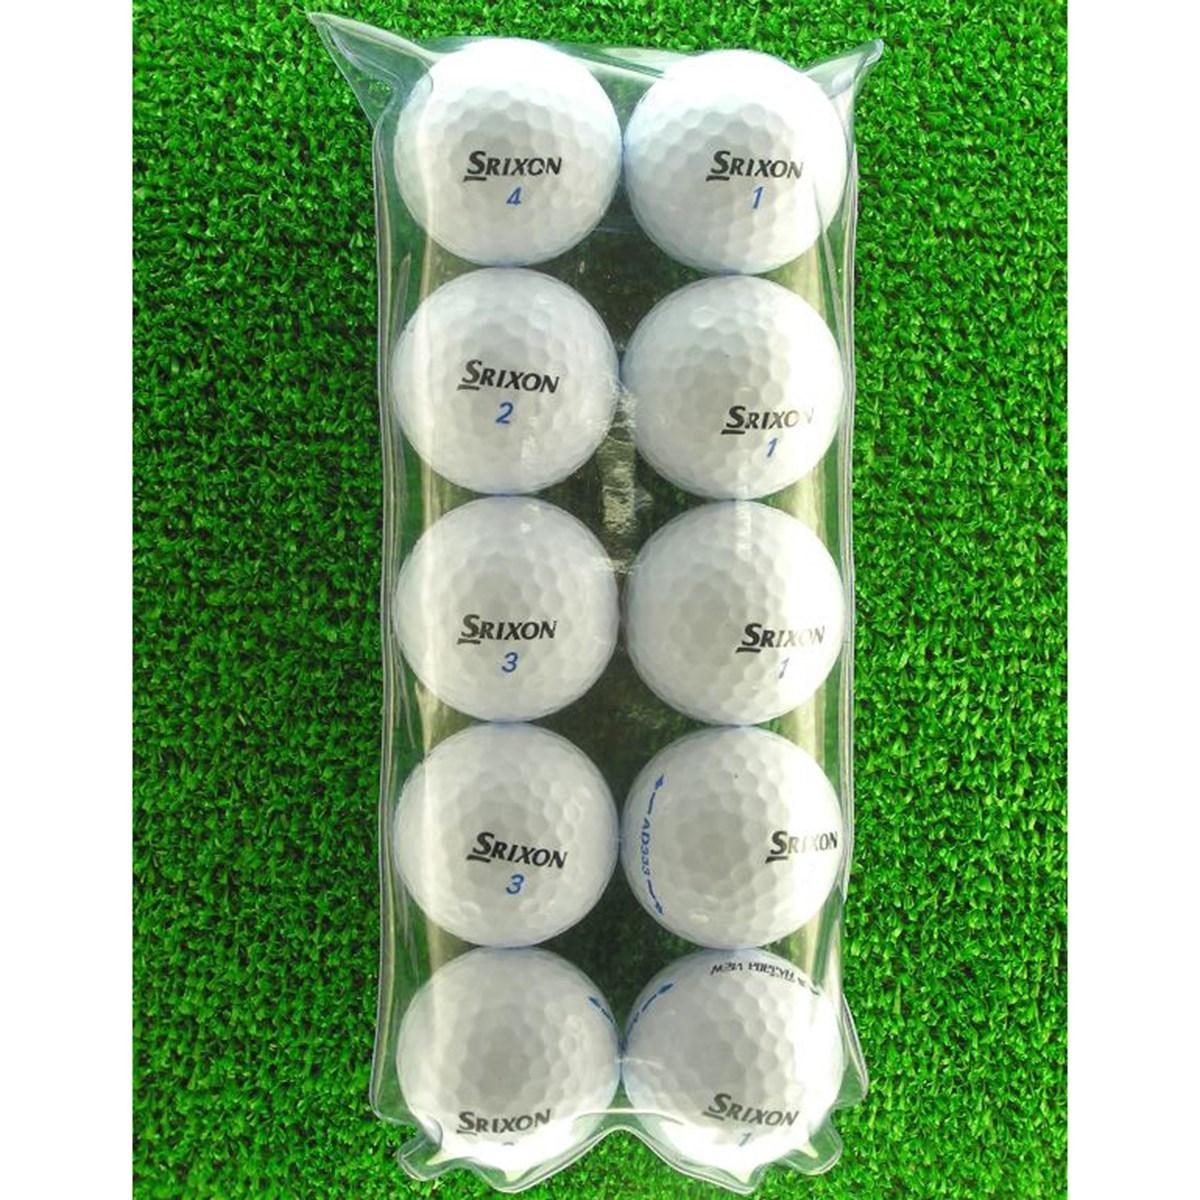 ロストボール メイホウゴルフ ロストボール スリクソン AD333 ホワイト 10個入り5パック50個セット